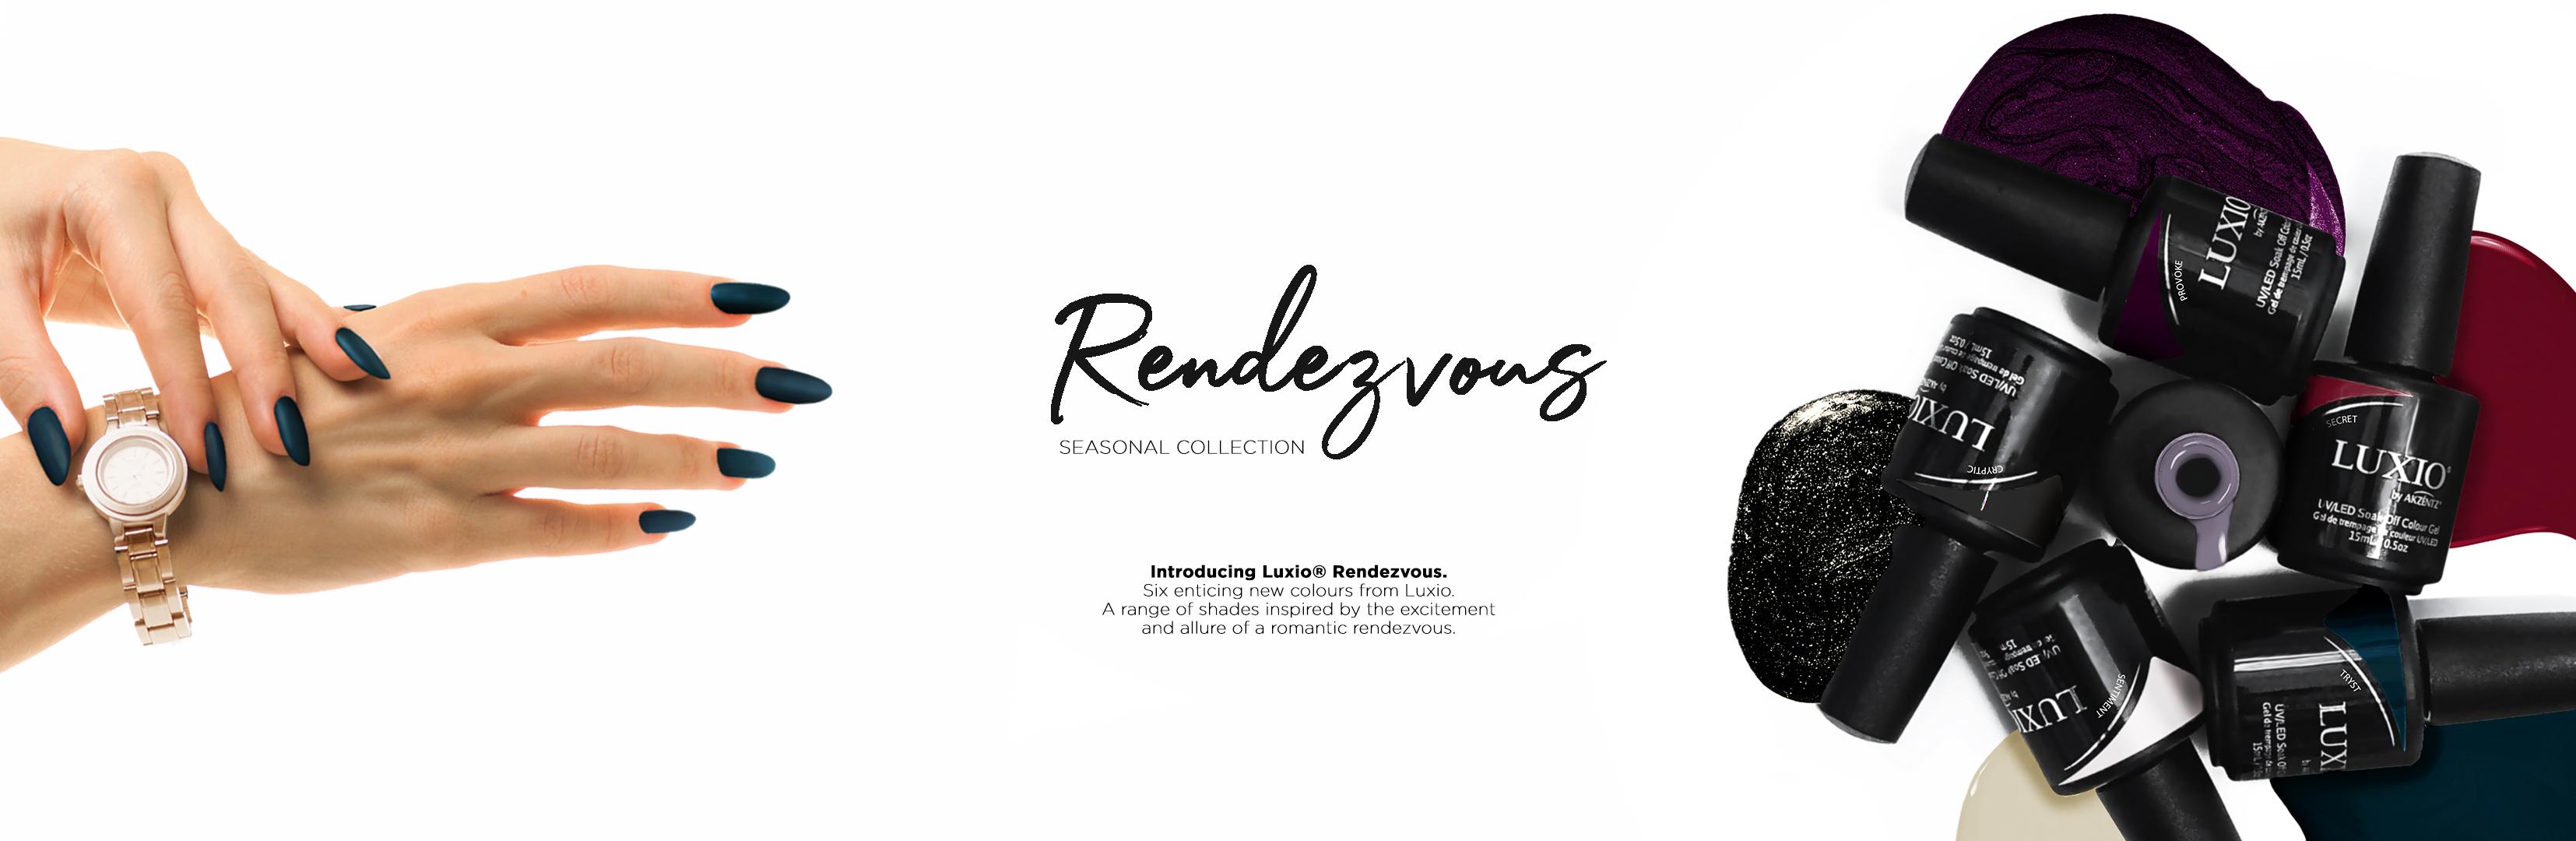 luxio-rendezvous-banner-web.jpg